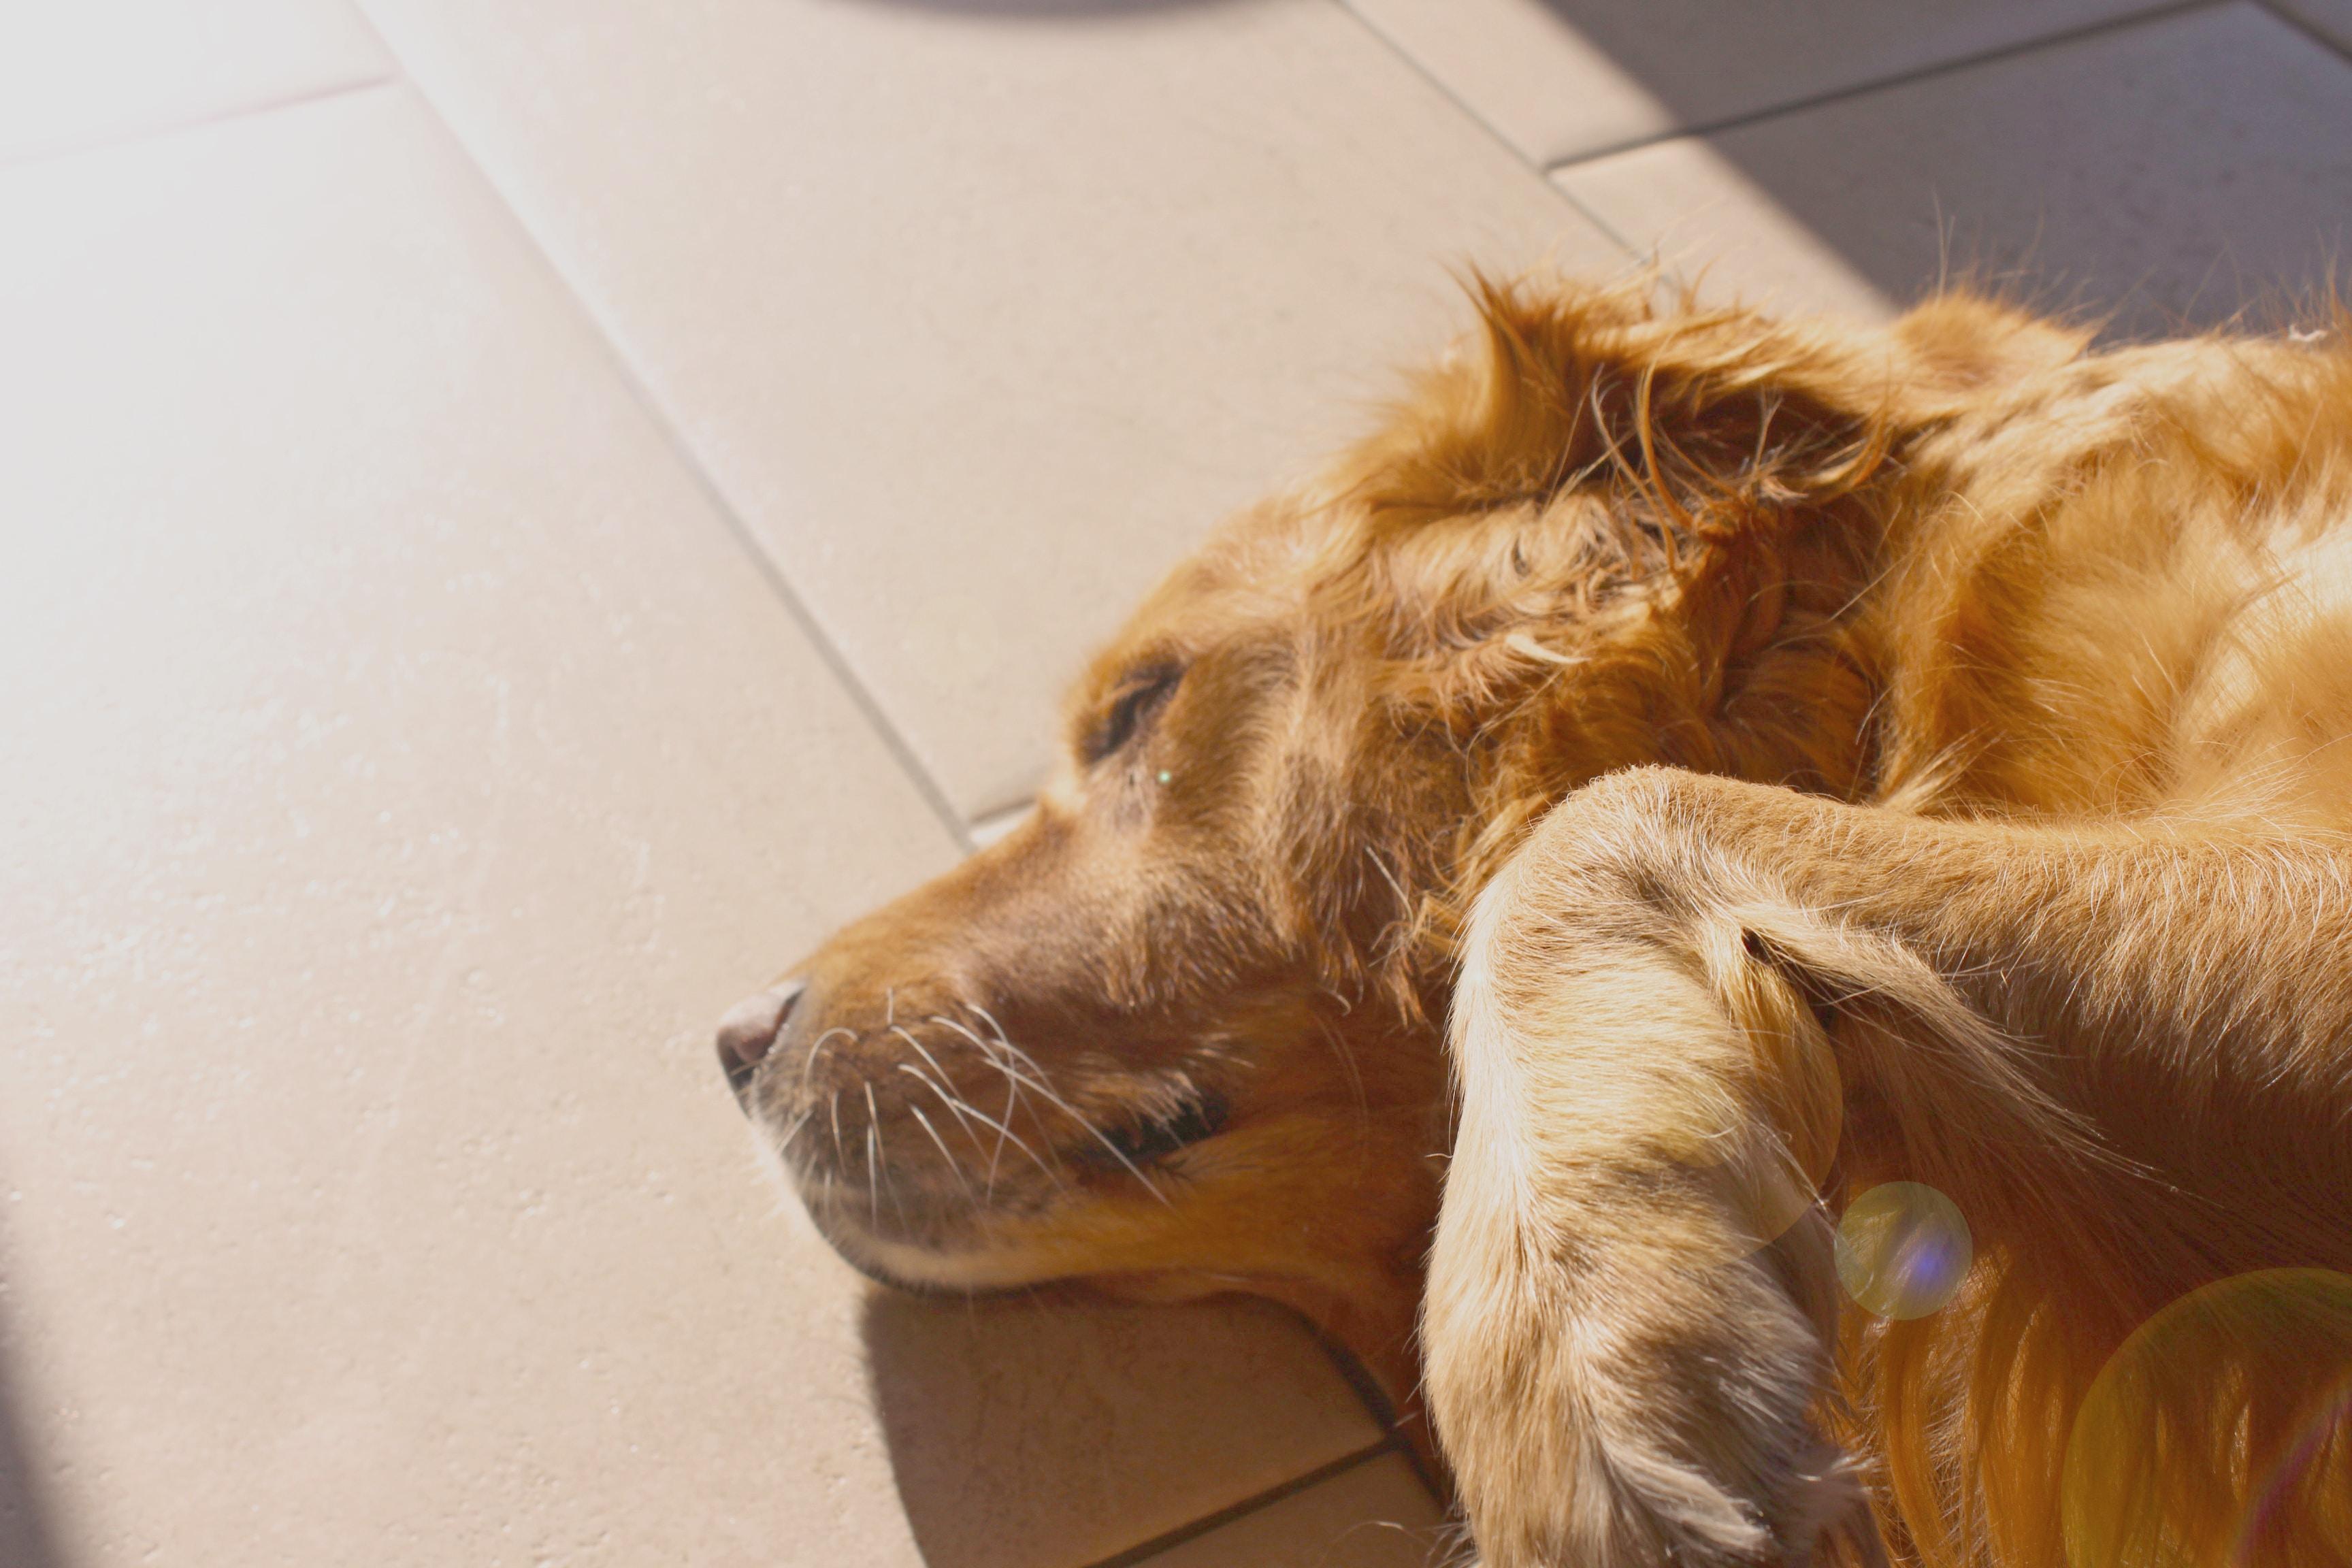 long-coated brown dog lying on floor